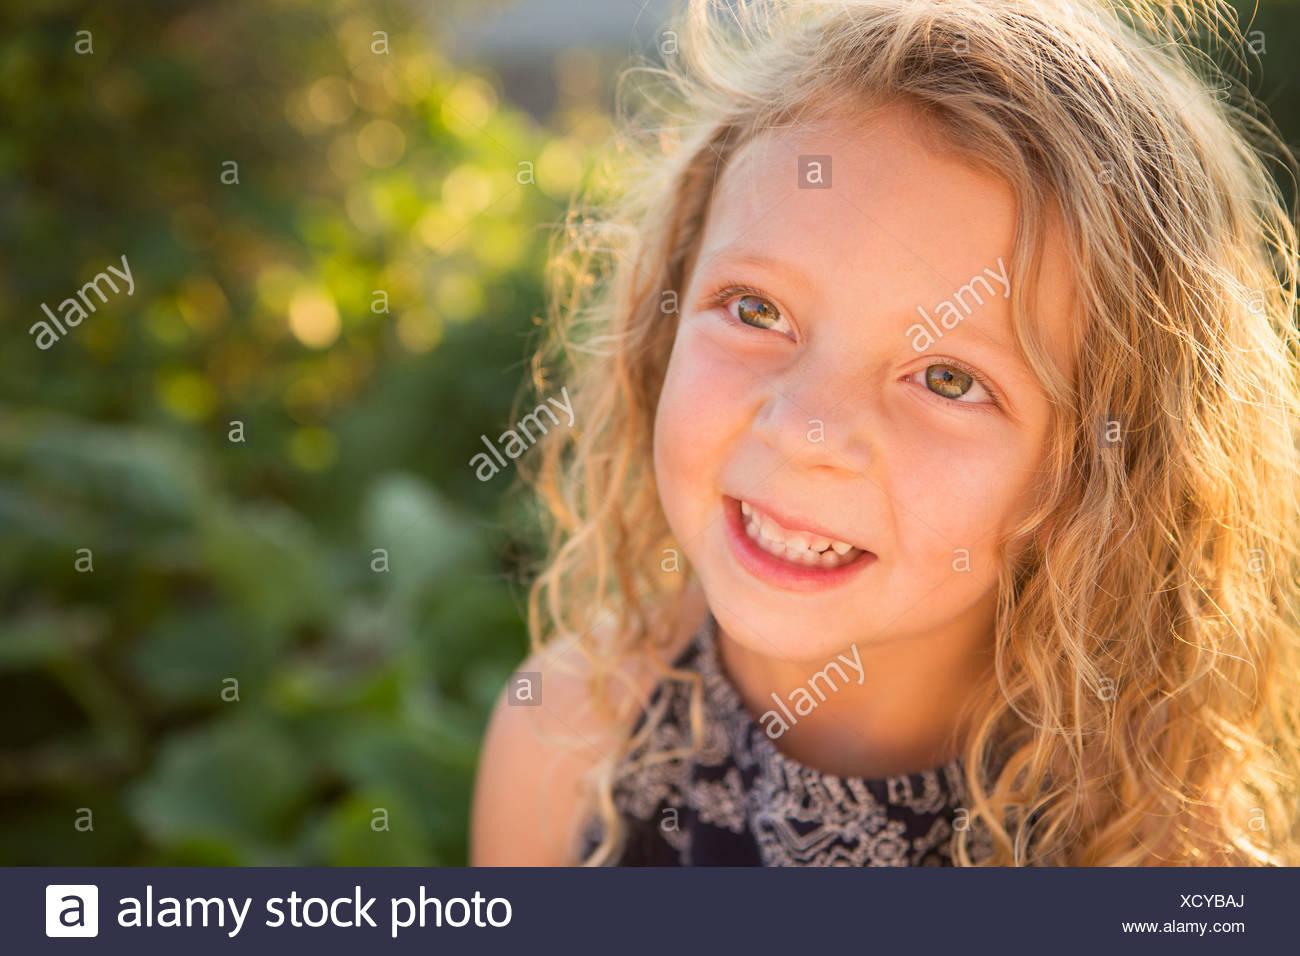 Una joven con largo cabello rizado rojo al aire libre en un jardín. Imagen De Stock